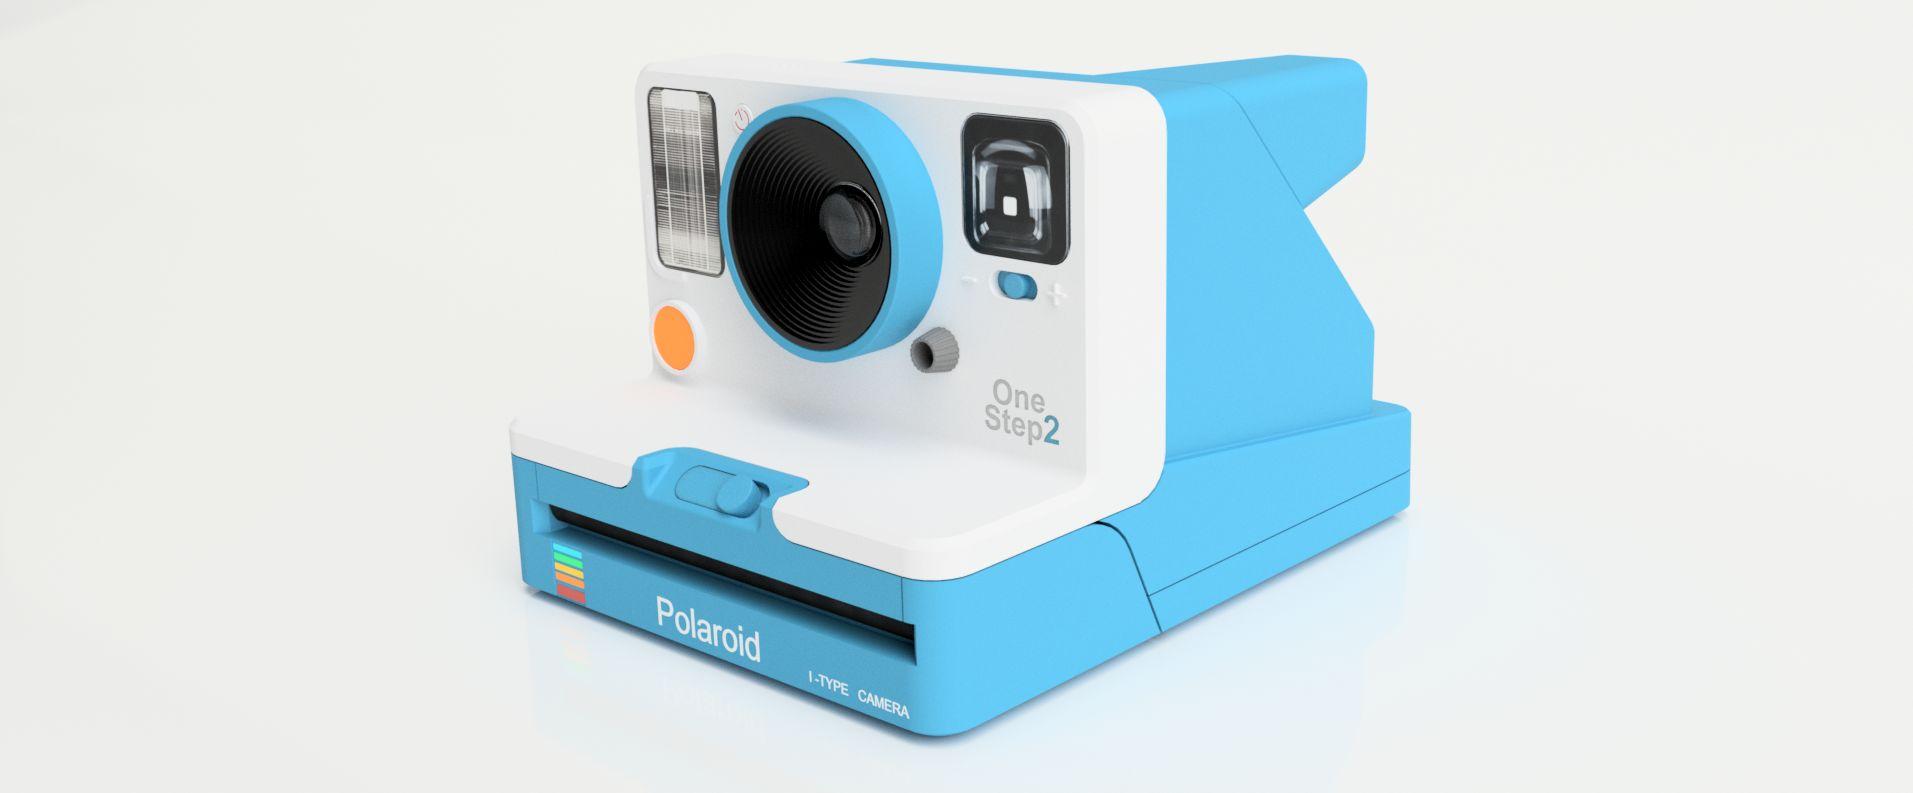 Polaroid-onestep-2-v22a-3500-3500